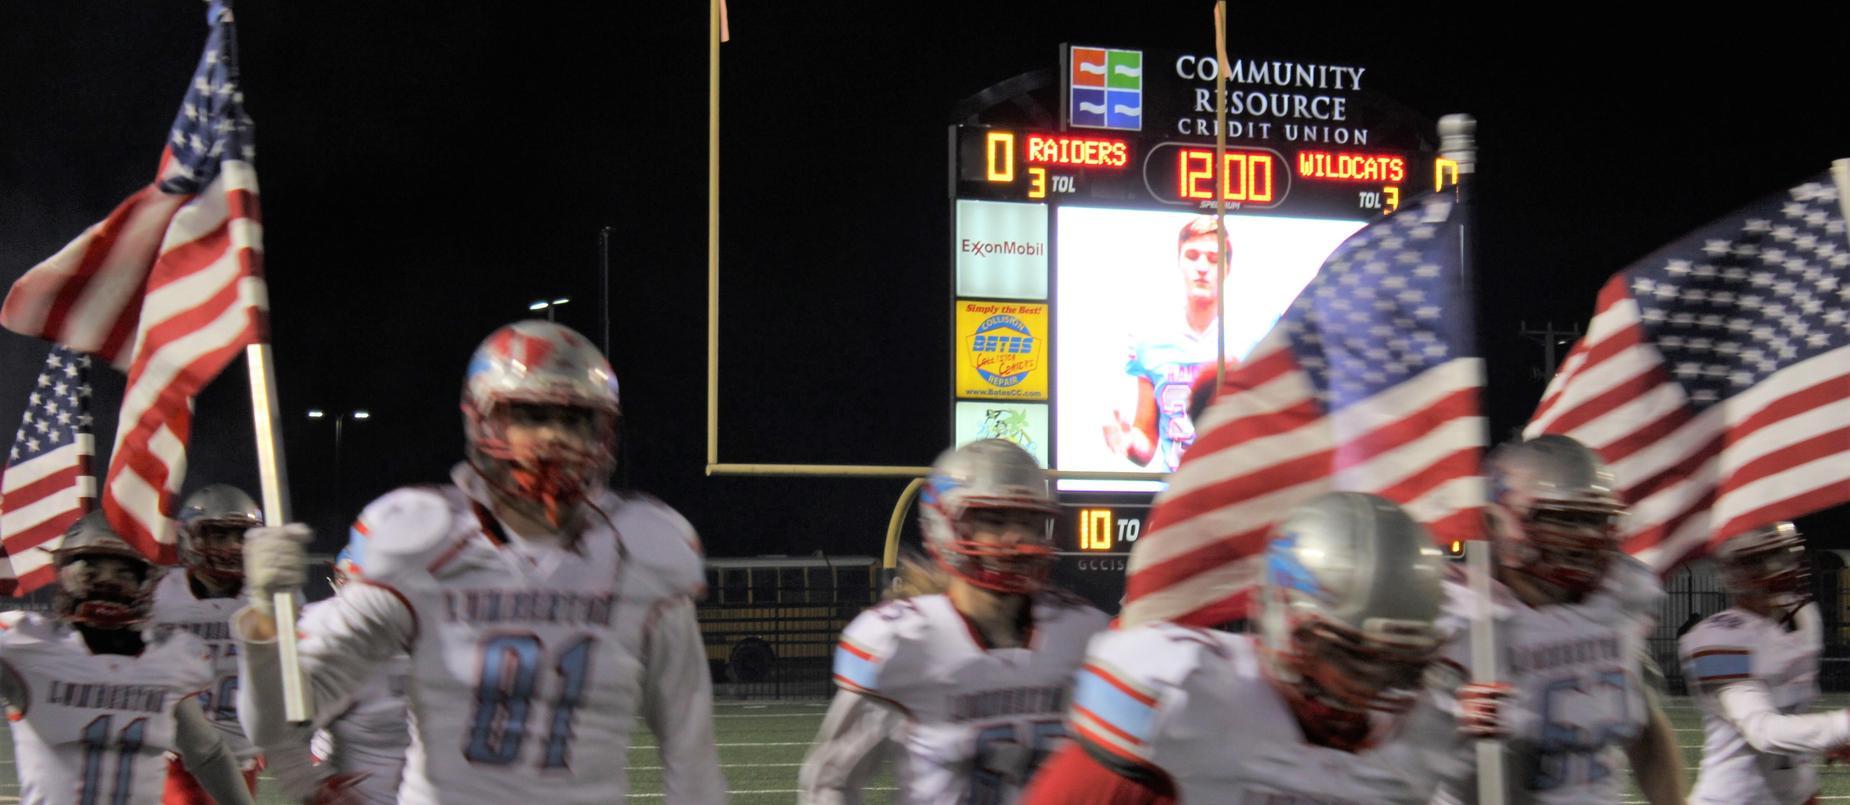 LHS Football Run through with flags